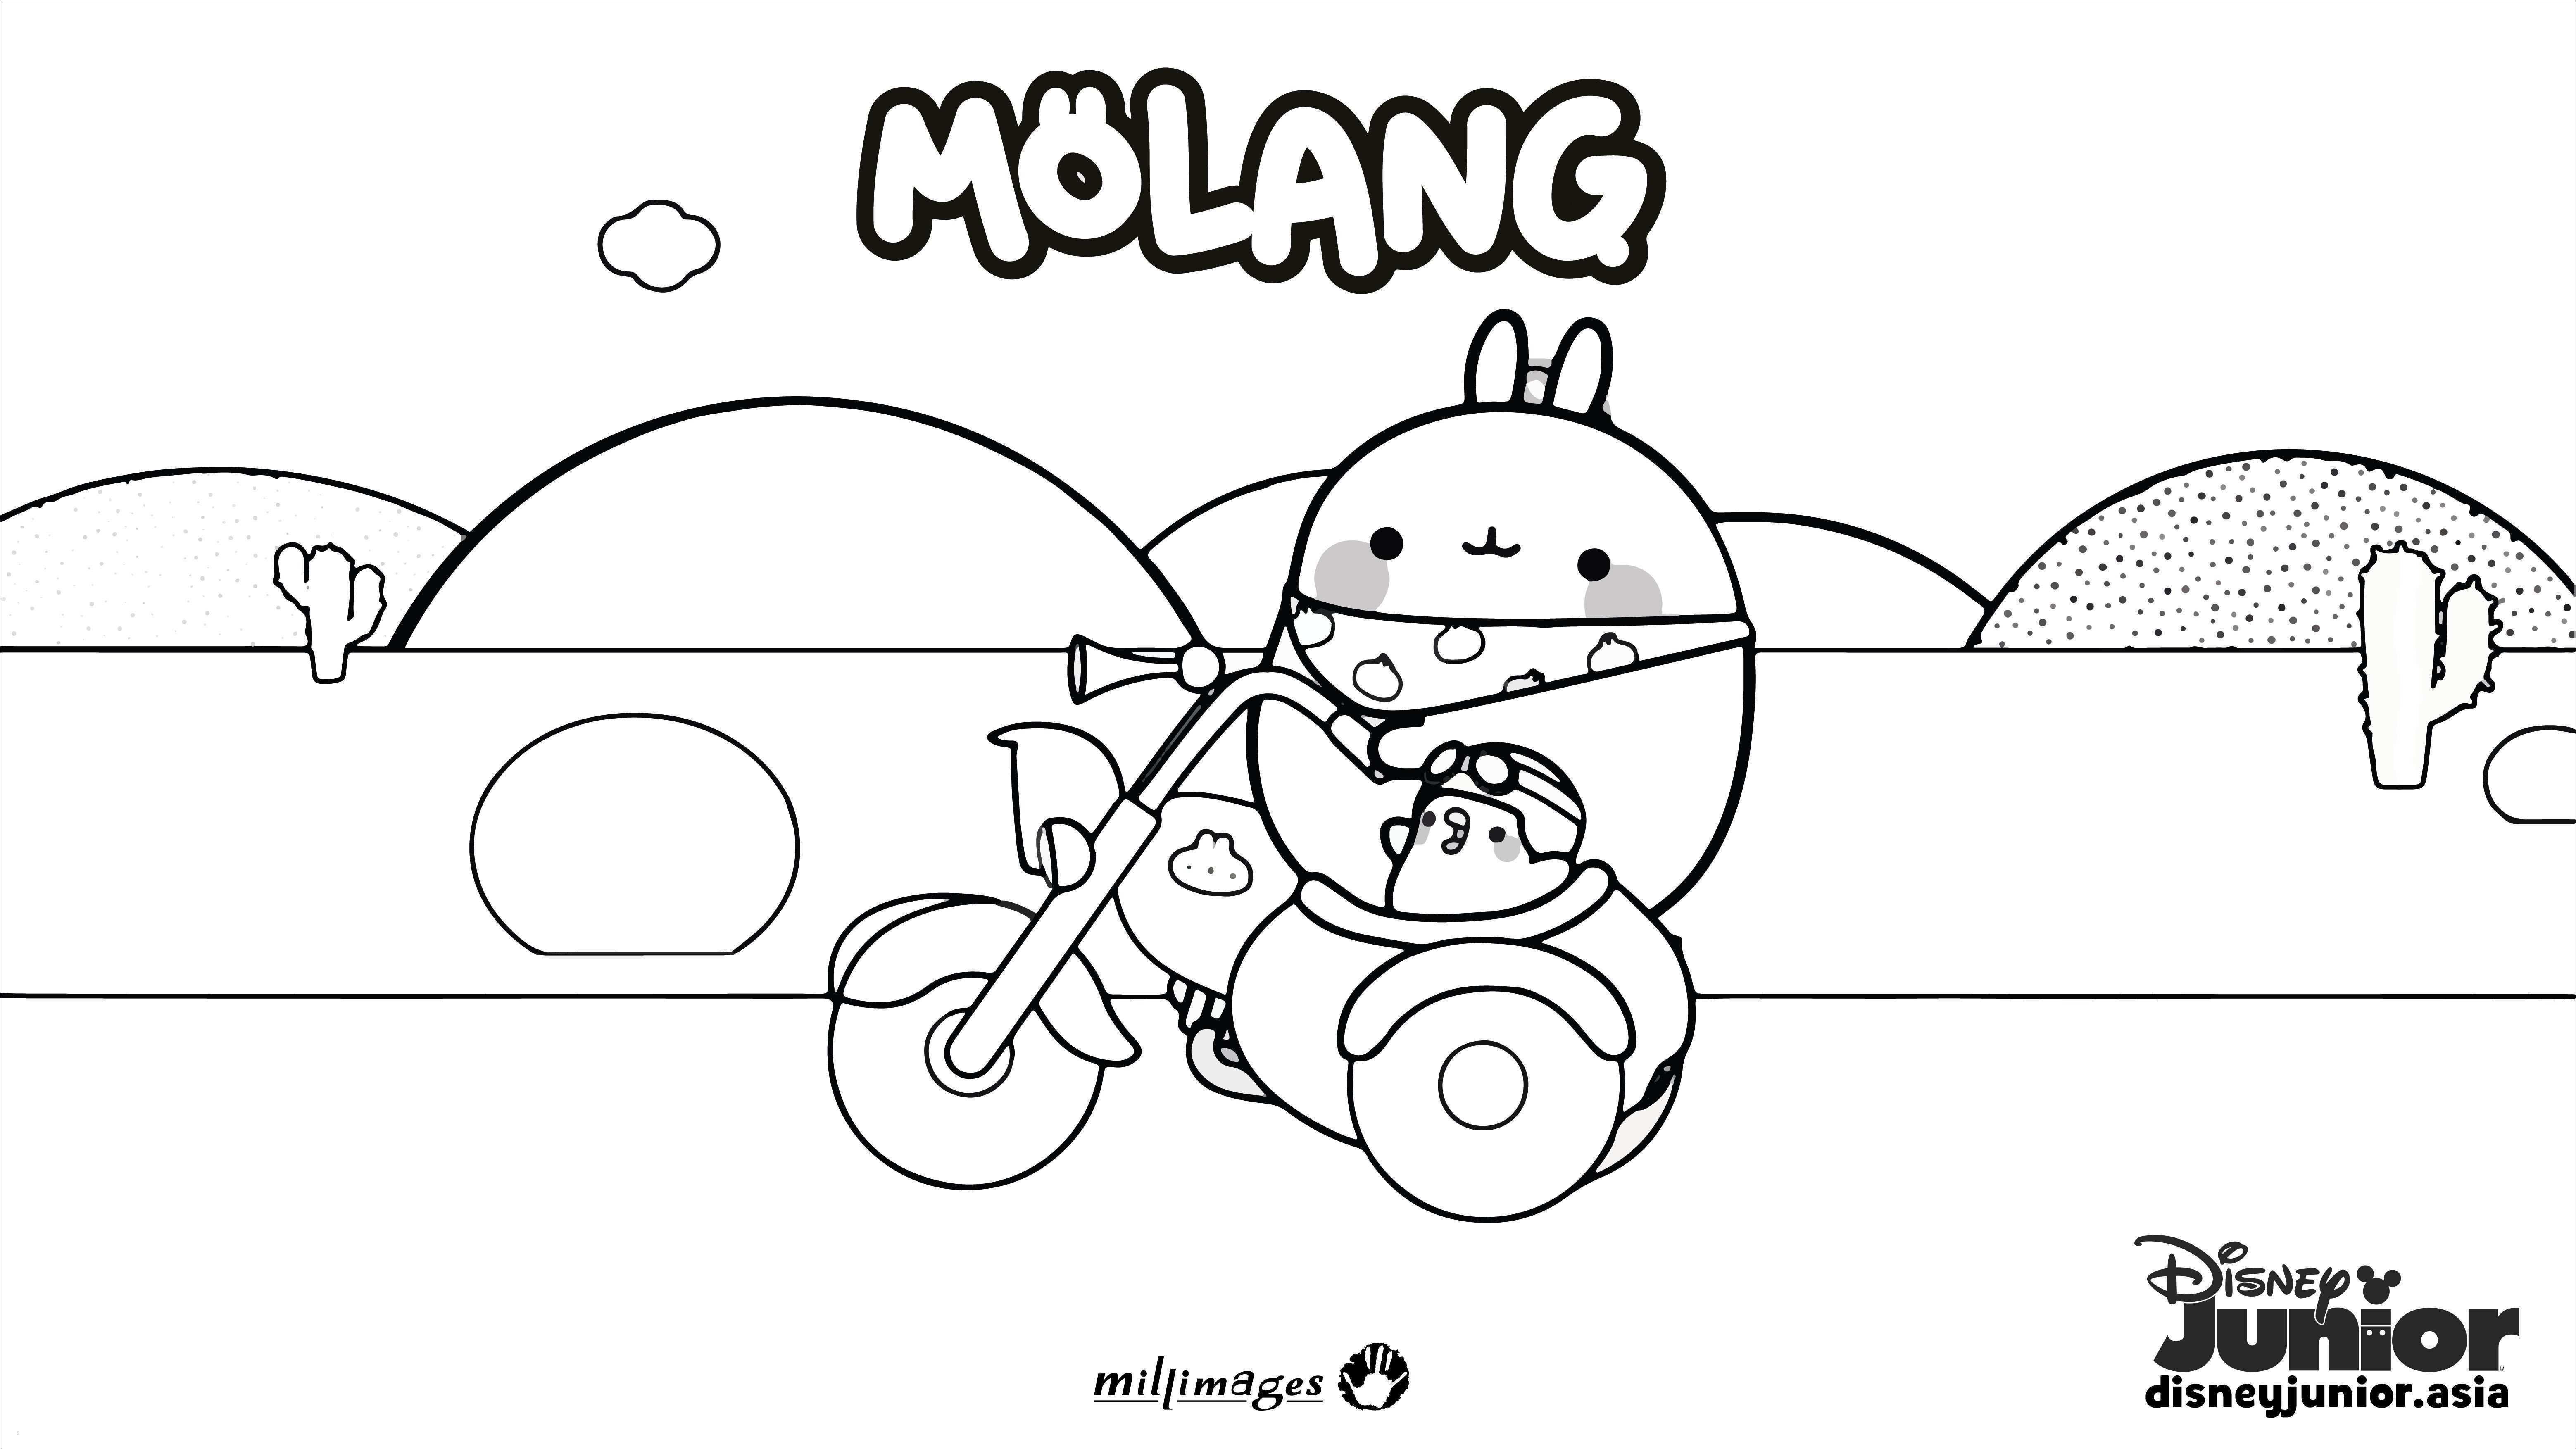 Micky Maus Baby Ausmalbilder Genial Mickey Mouse Zum Ausmalen Vorstellung 37 Ausmalbilder Baby Micky Bild